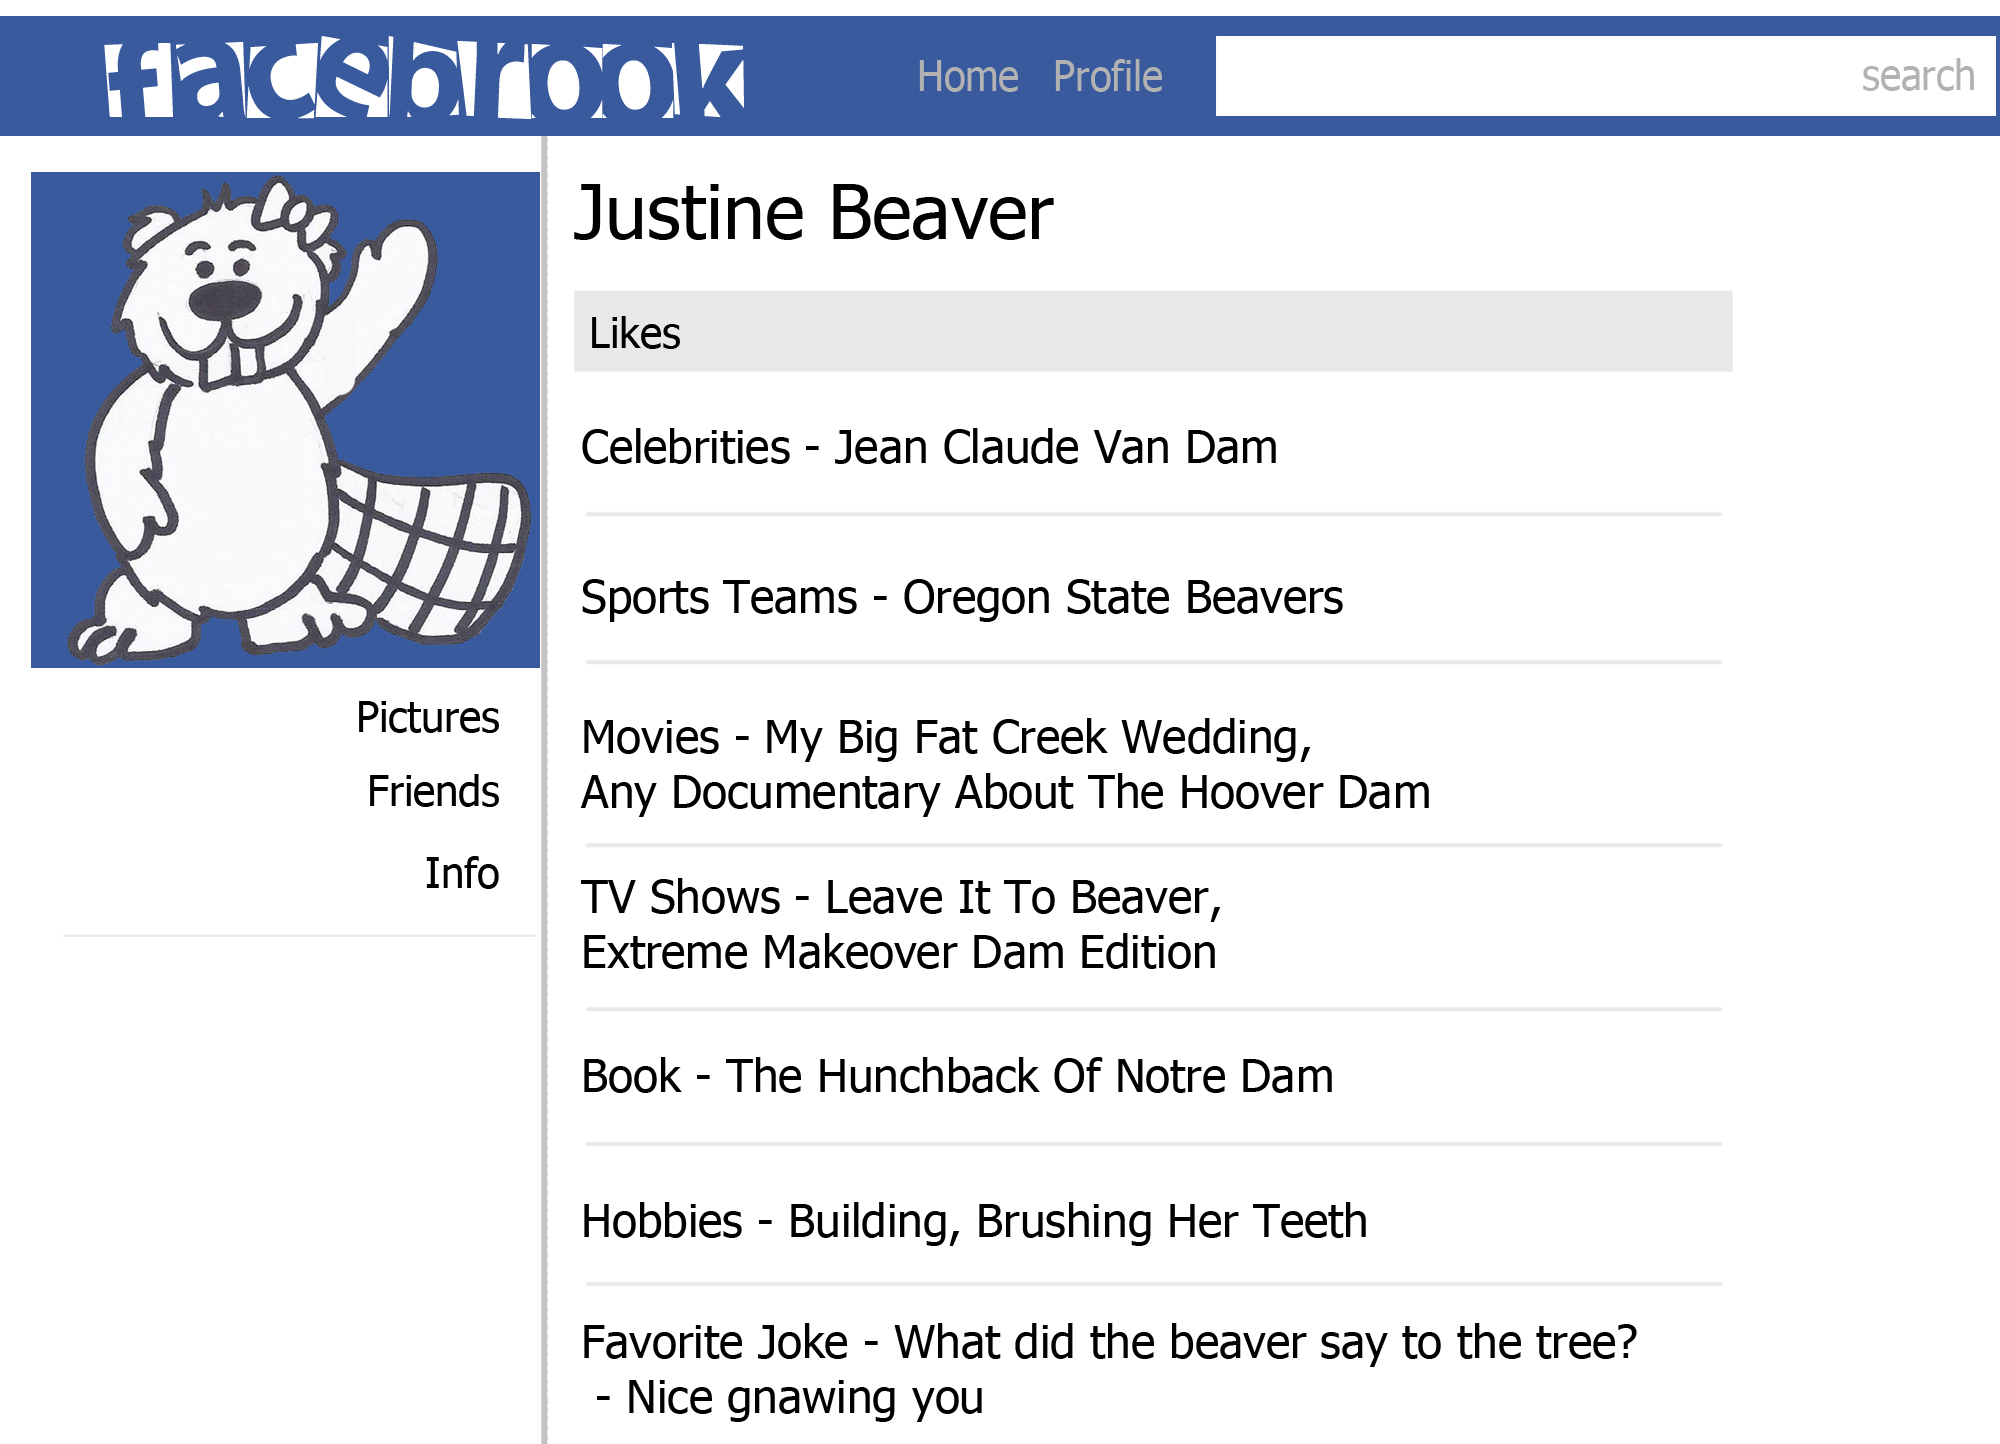 Justin Beaver Profile color